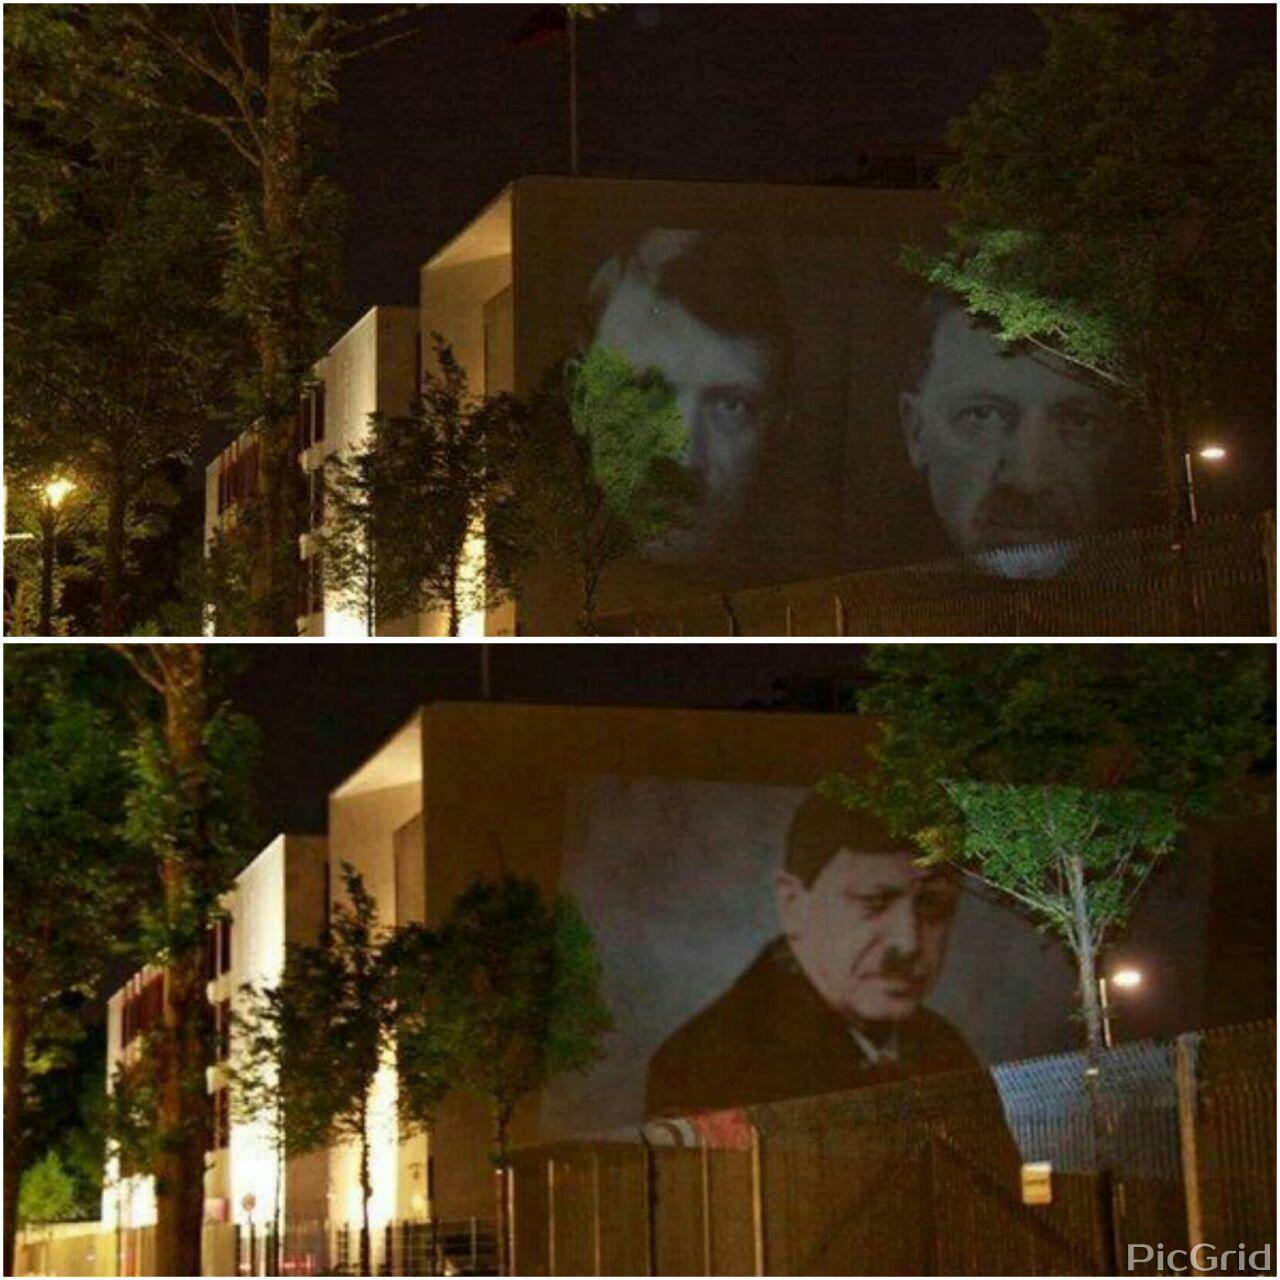 عکس/ تصویر اردوغان و هیتلر روی دیوار سفارت ترکیه در آلمان